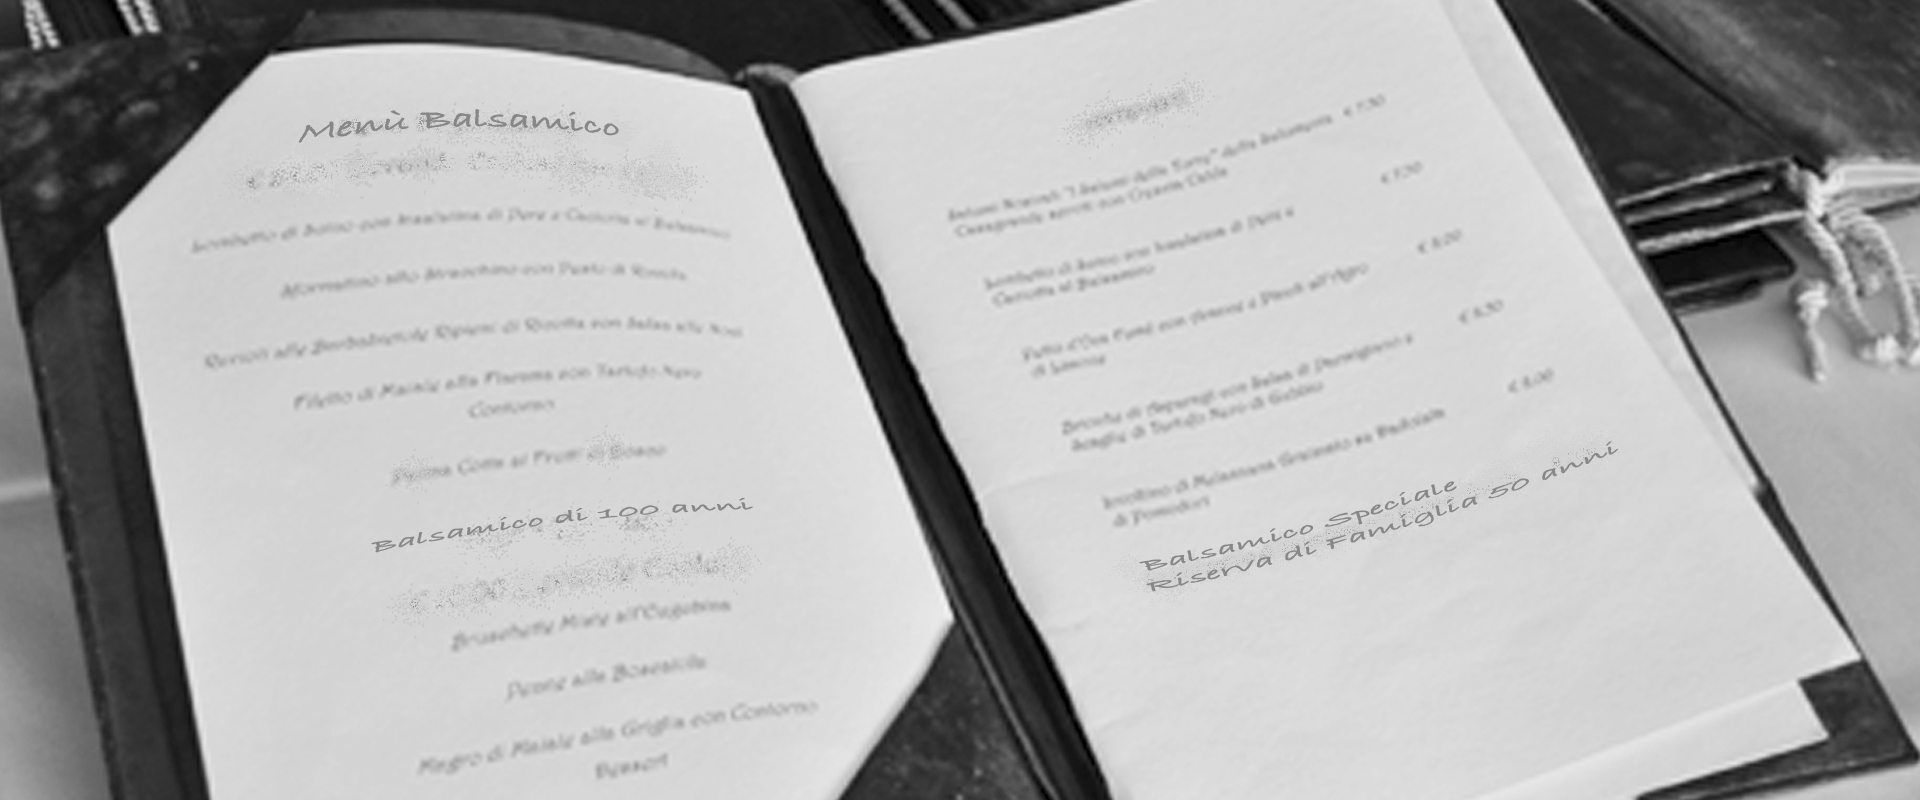 menzioni-e-menzogne-su-aceto-balsamico-tradizionale